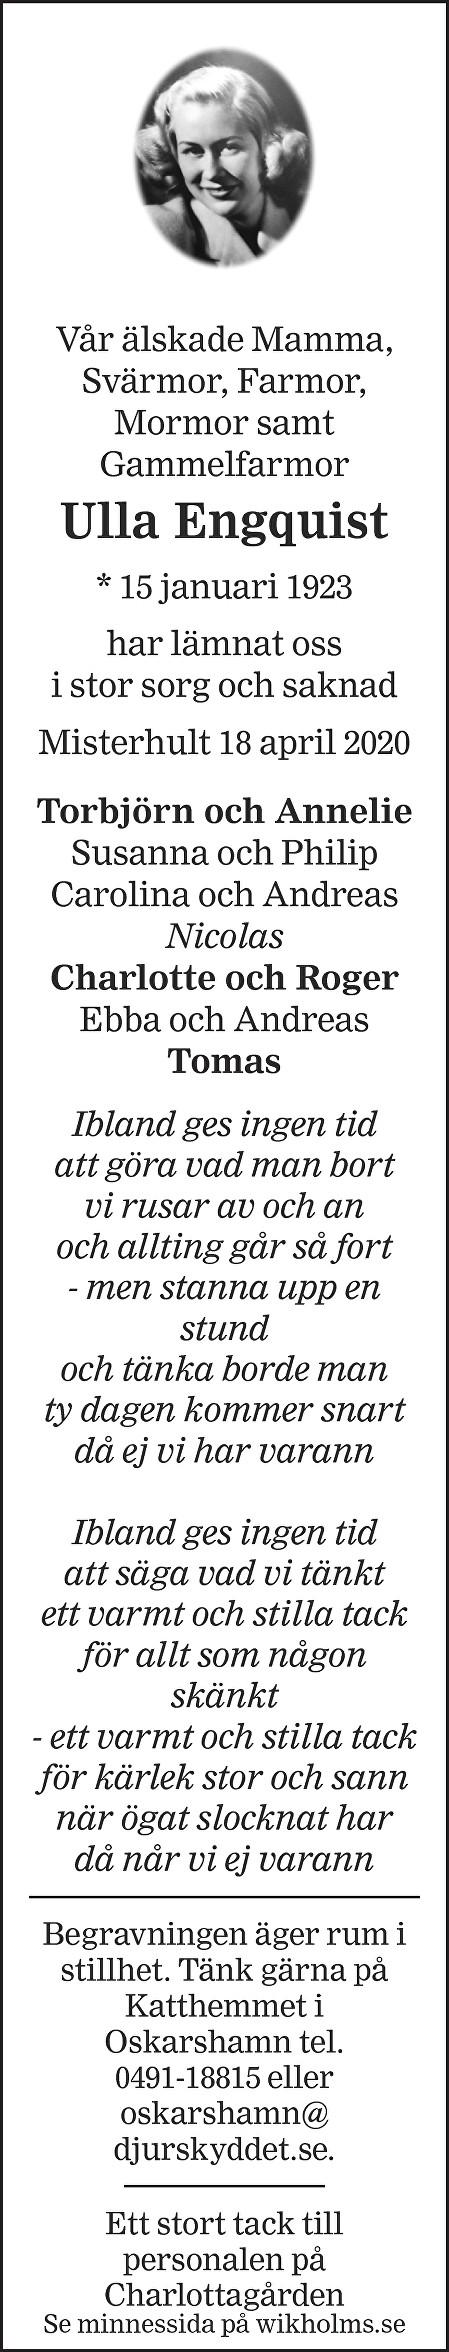 Ulla Engquist Death notice